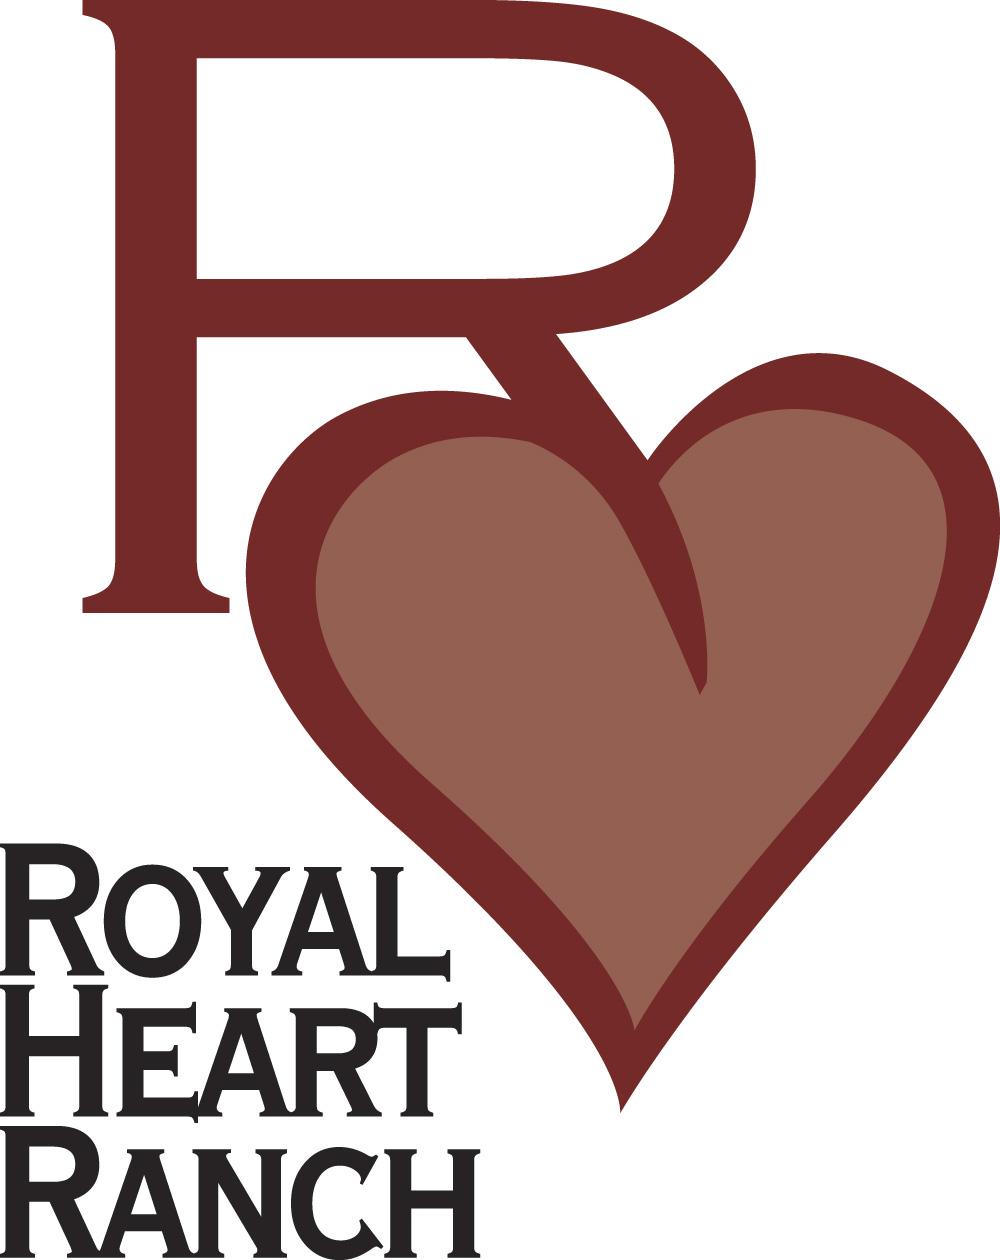 RoyalHeartRanch_Logo.jpg